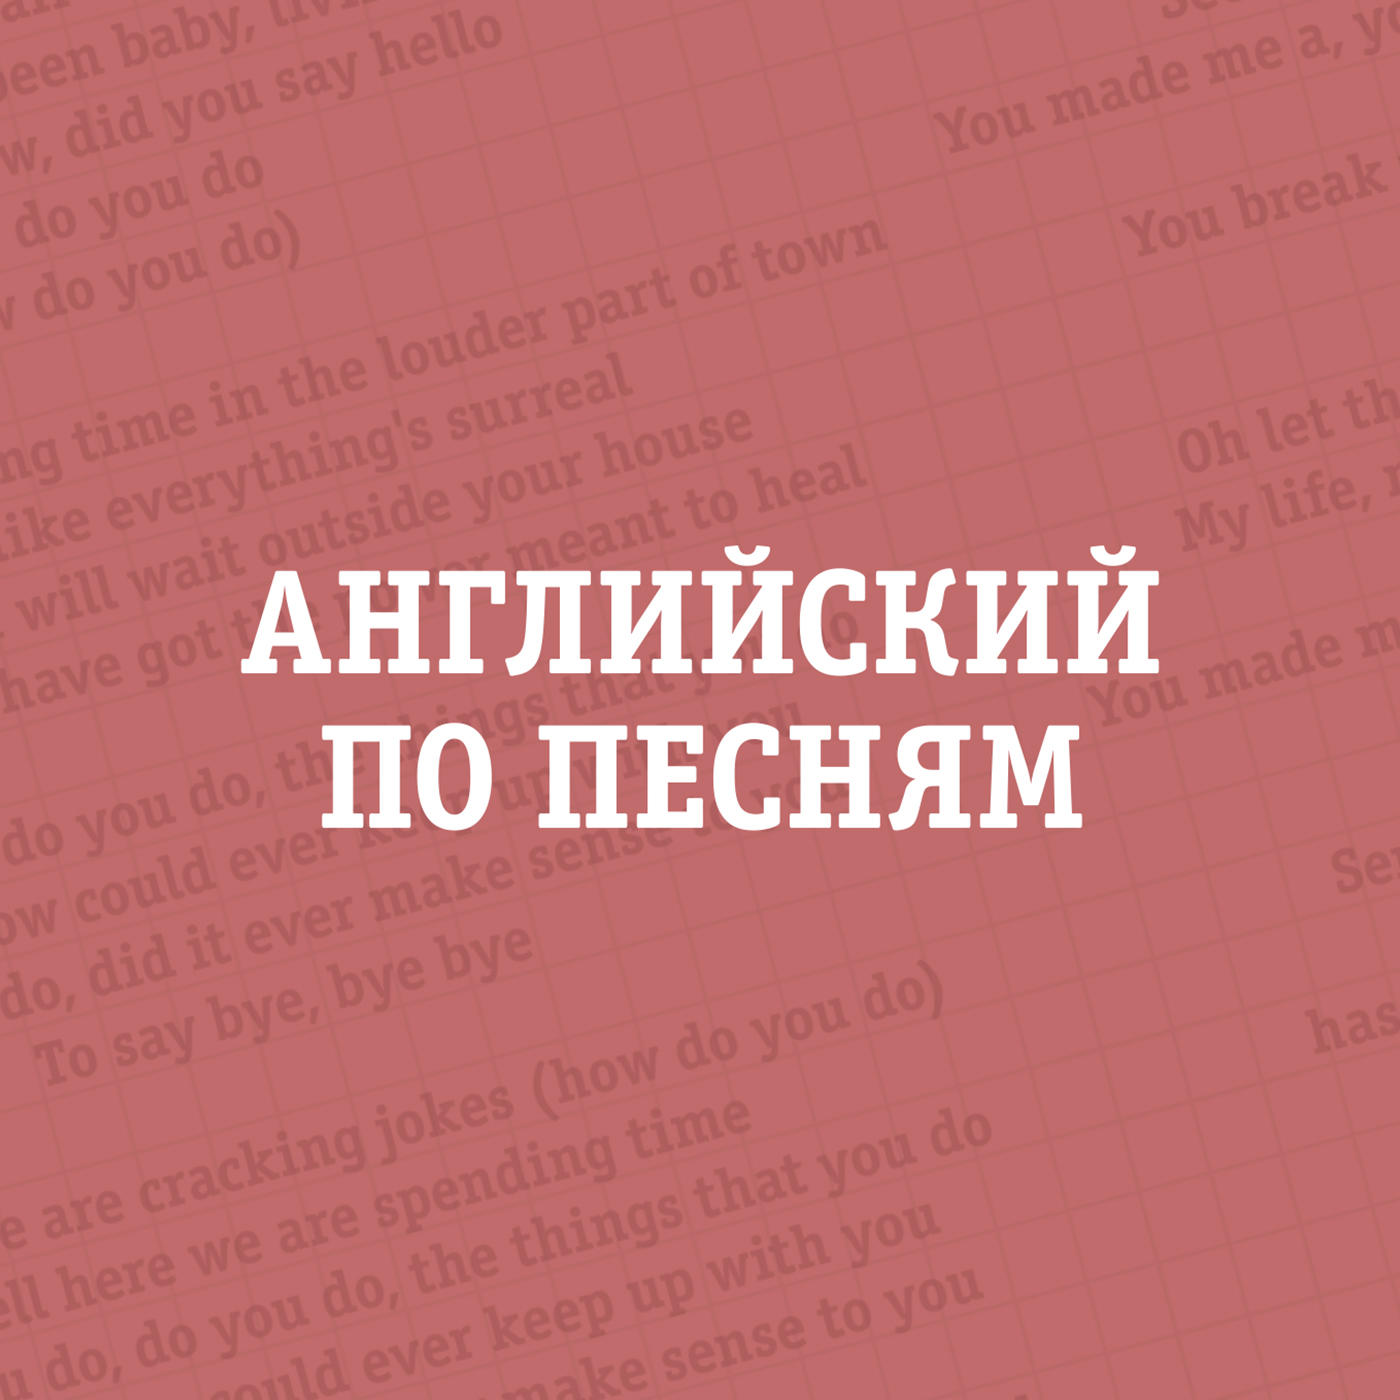 Английский по песням – Разбираем TikTok-хит Deep End от певицы Fousheé